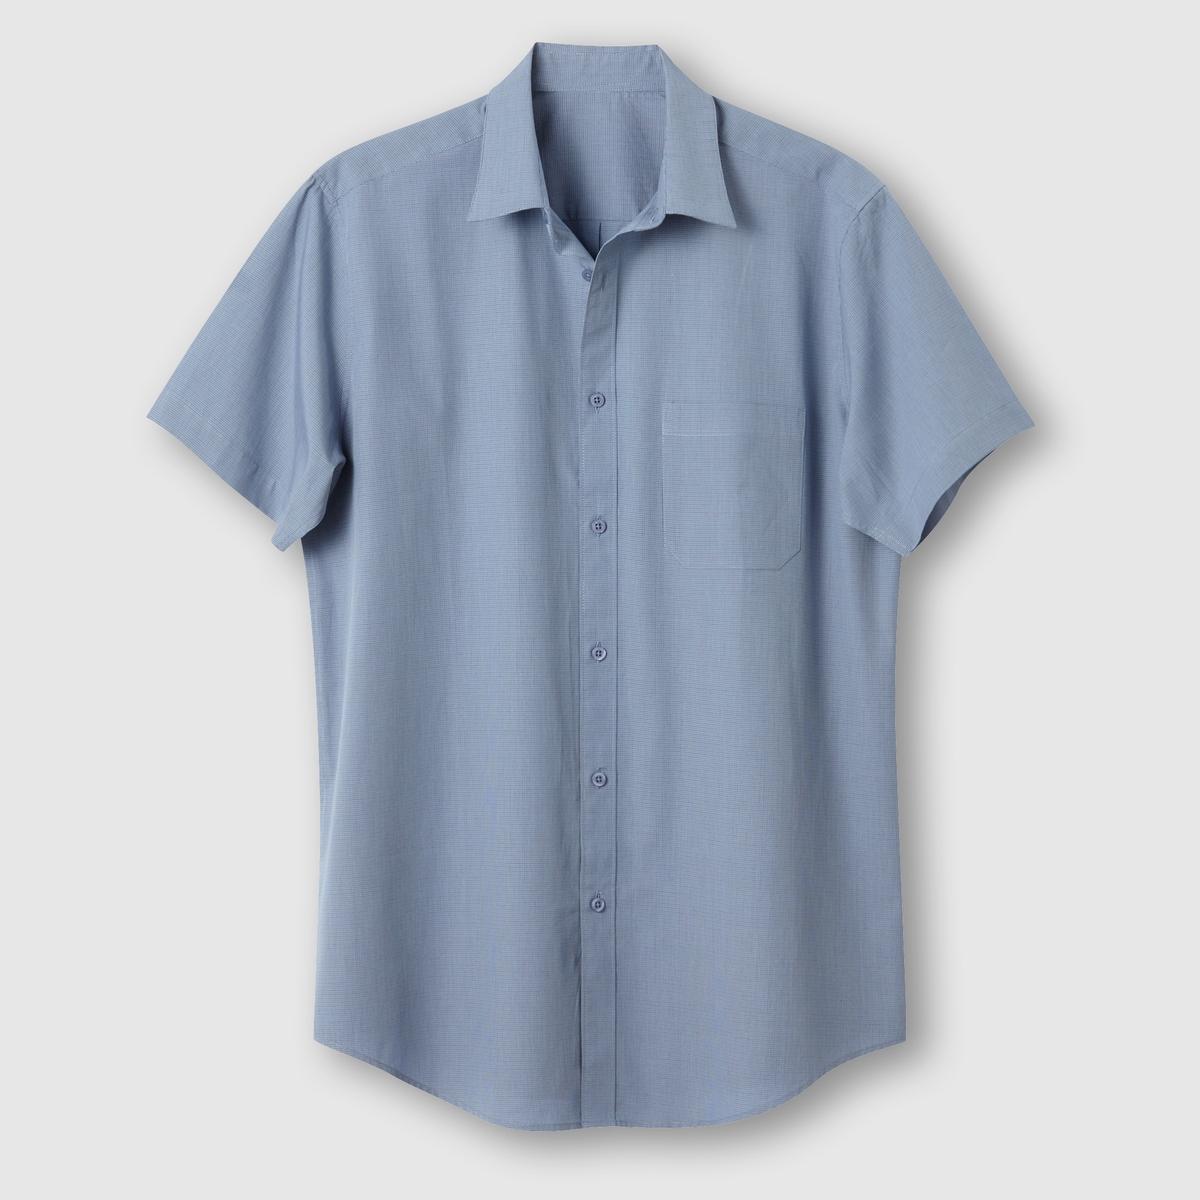 Рубашка с короткими рукавами, рост 3 (свыше 1,87 м)Рубашка с короткими рукавами.  Из оригинального поплина в полоску или в клетку с окрашенными волокнами. Воротник со свободными уголками. 1 нагрудный карман. Складка с вешалкой сзади. Слегка закругленный низ. Поплин, 100% хлопок. Рост 3 (при росте свыше 1,87 м) : длина рубашки 87 см, длина рукава 24 см.<br><br>Цвет: в клетку серый/синий,в полоску бордовый/белый